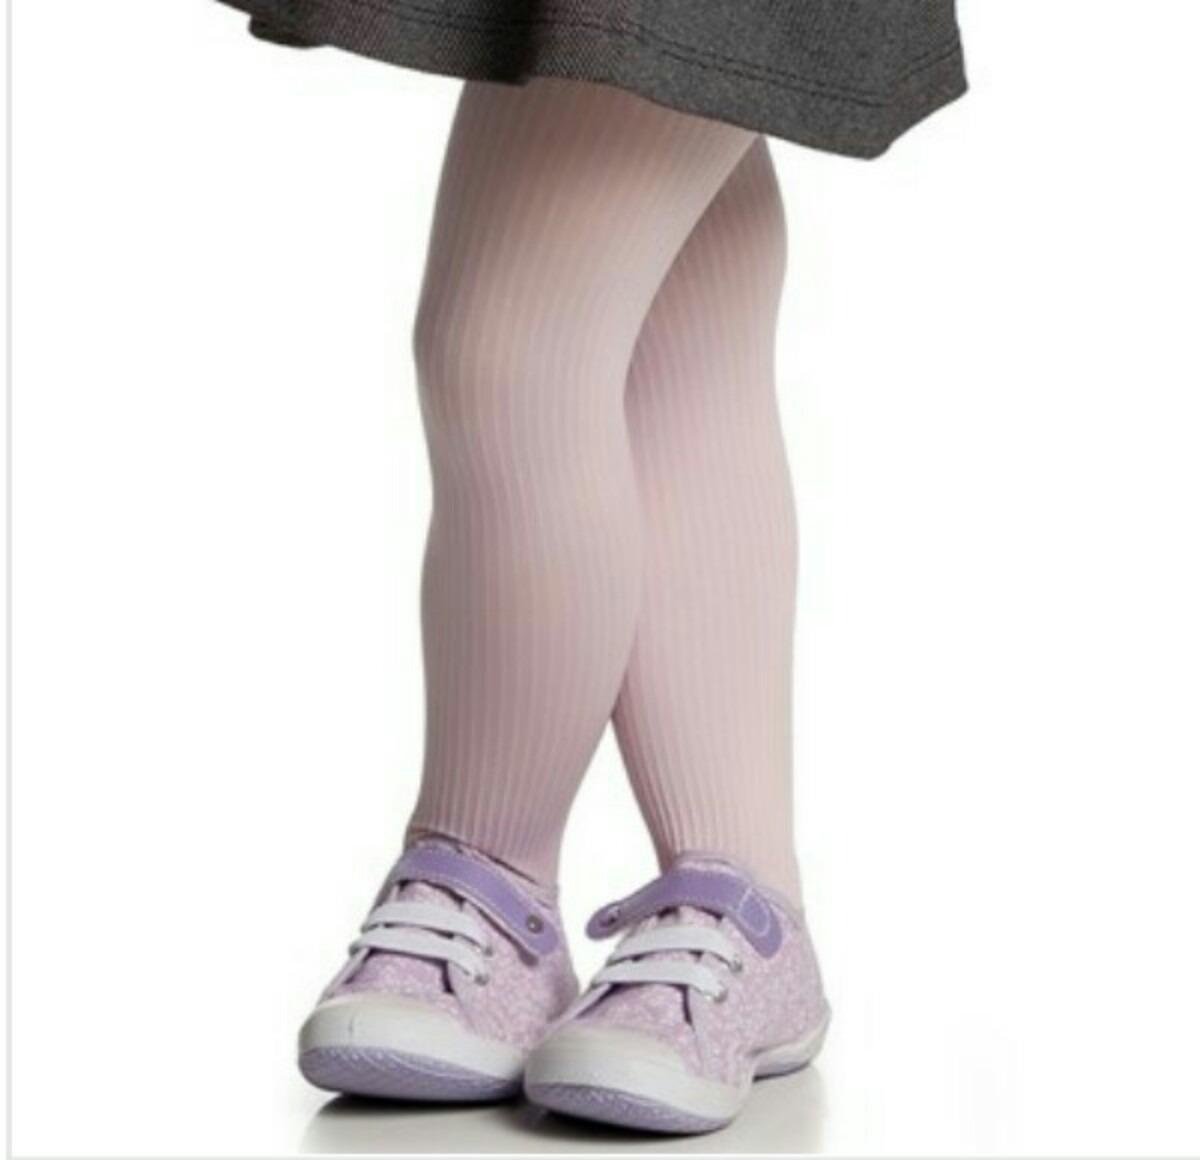 5bf37b3d1 meia calça infantil fio 70 canelada trifil 8 meses a 2 anos. Carregando  zoom.